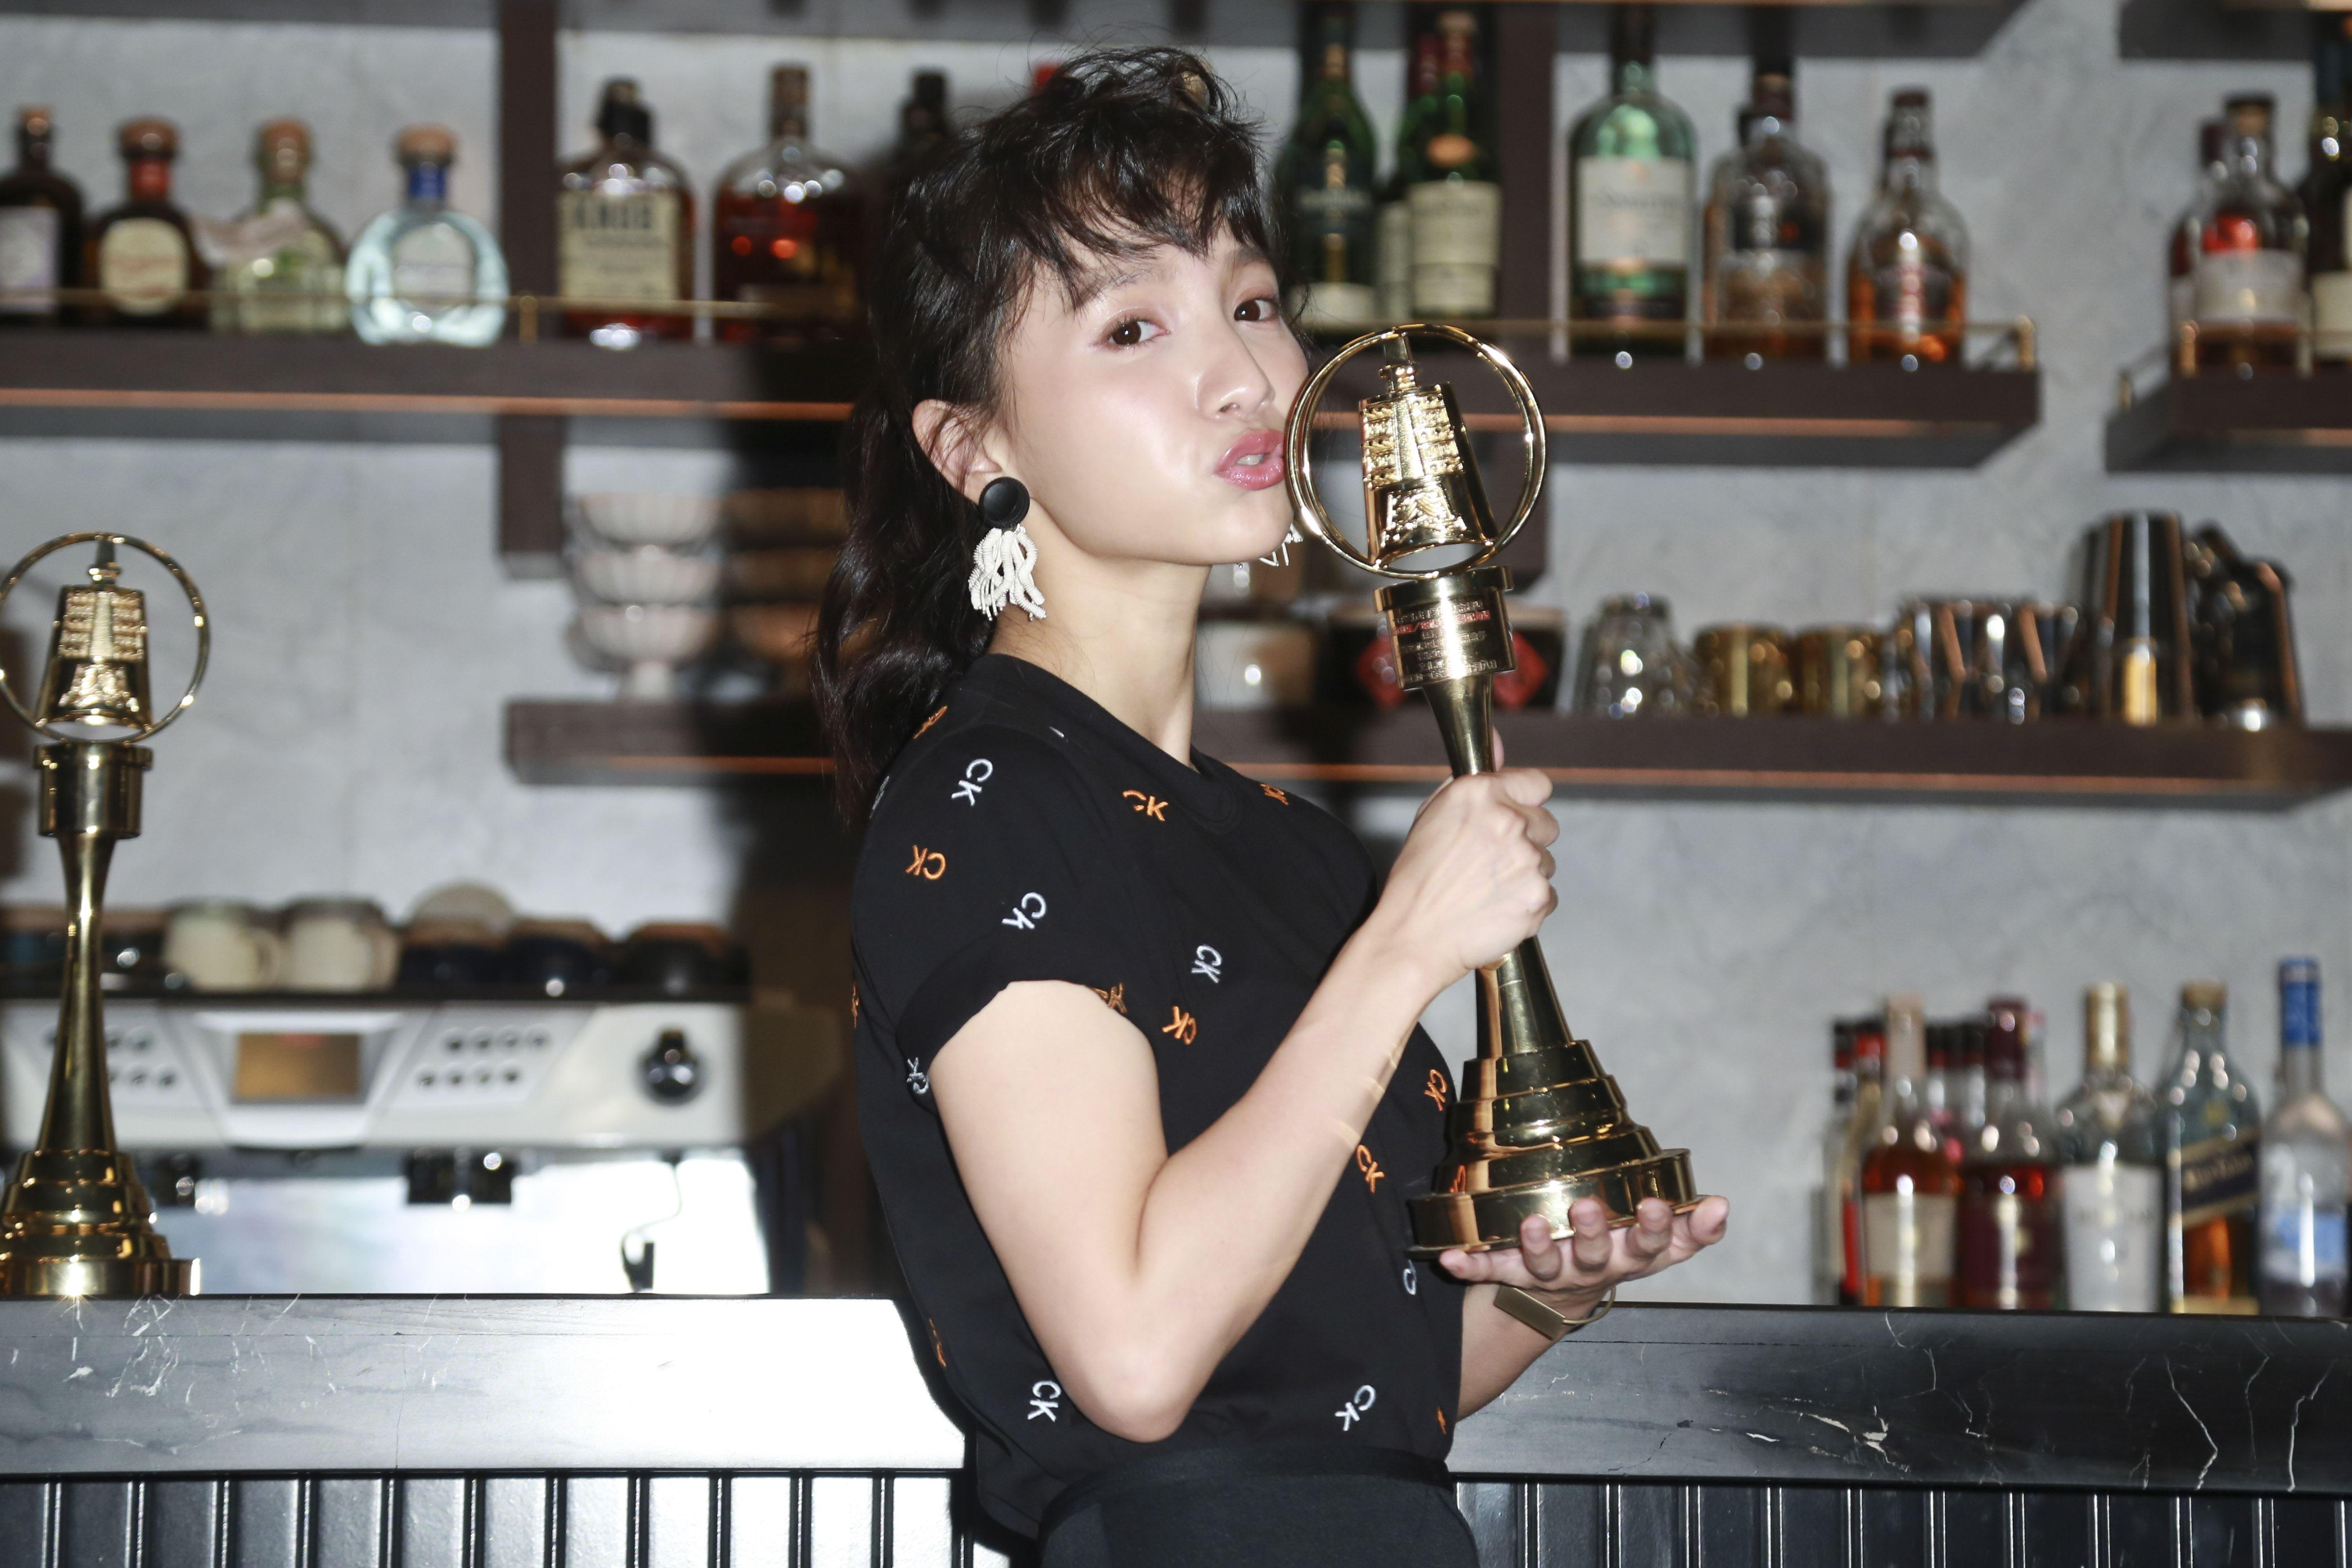 《日據時代的十種生存法則》演員張寗入圍金鐘獎女配角獎。(圖/記者林士傑攝影)